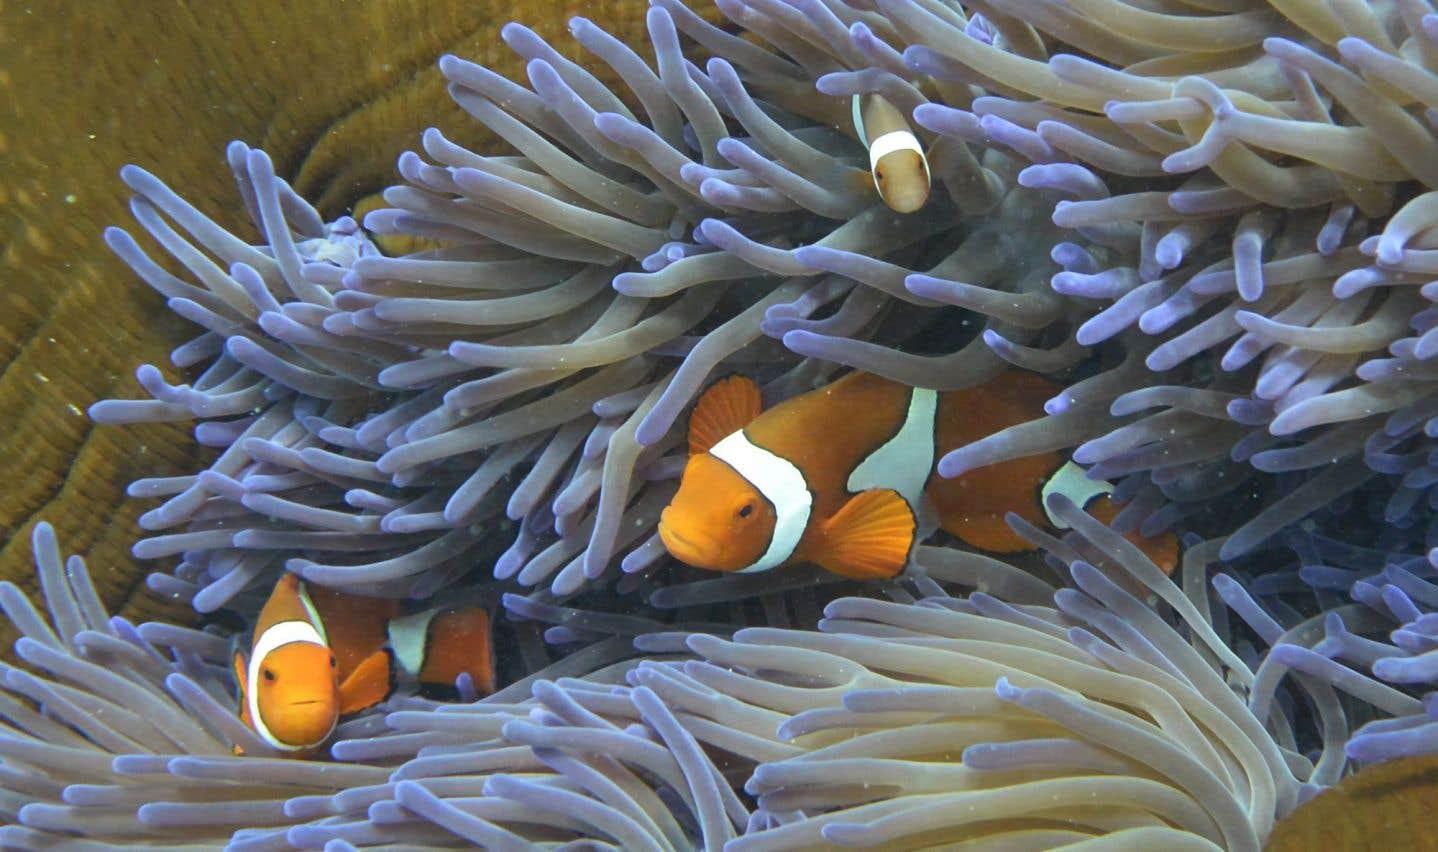 Nouvelle menace pour la Grande barrière de corail